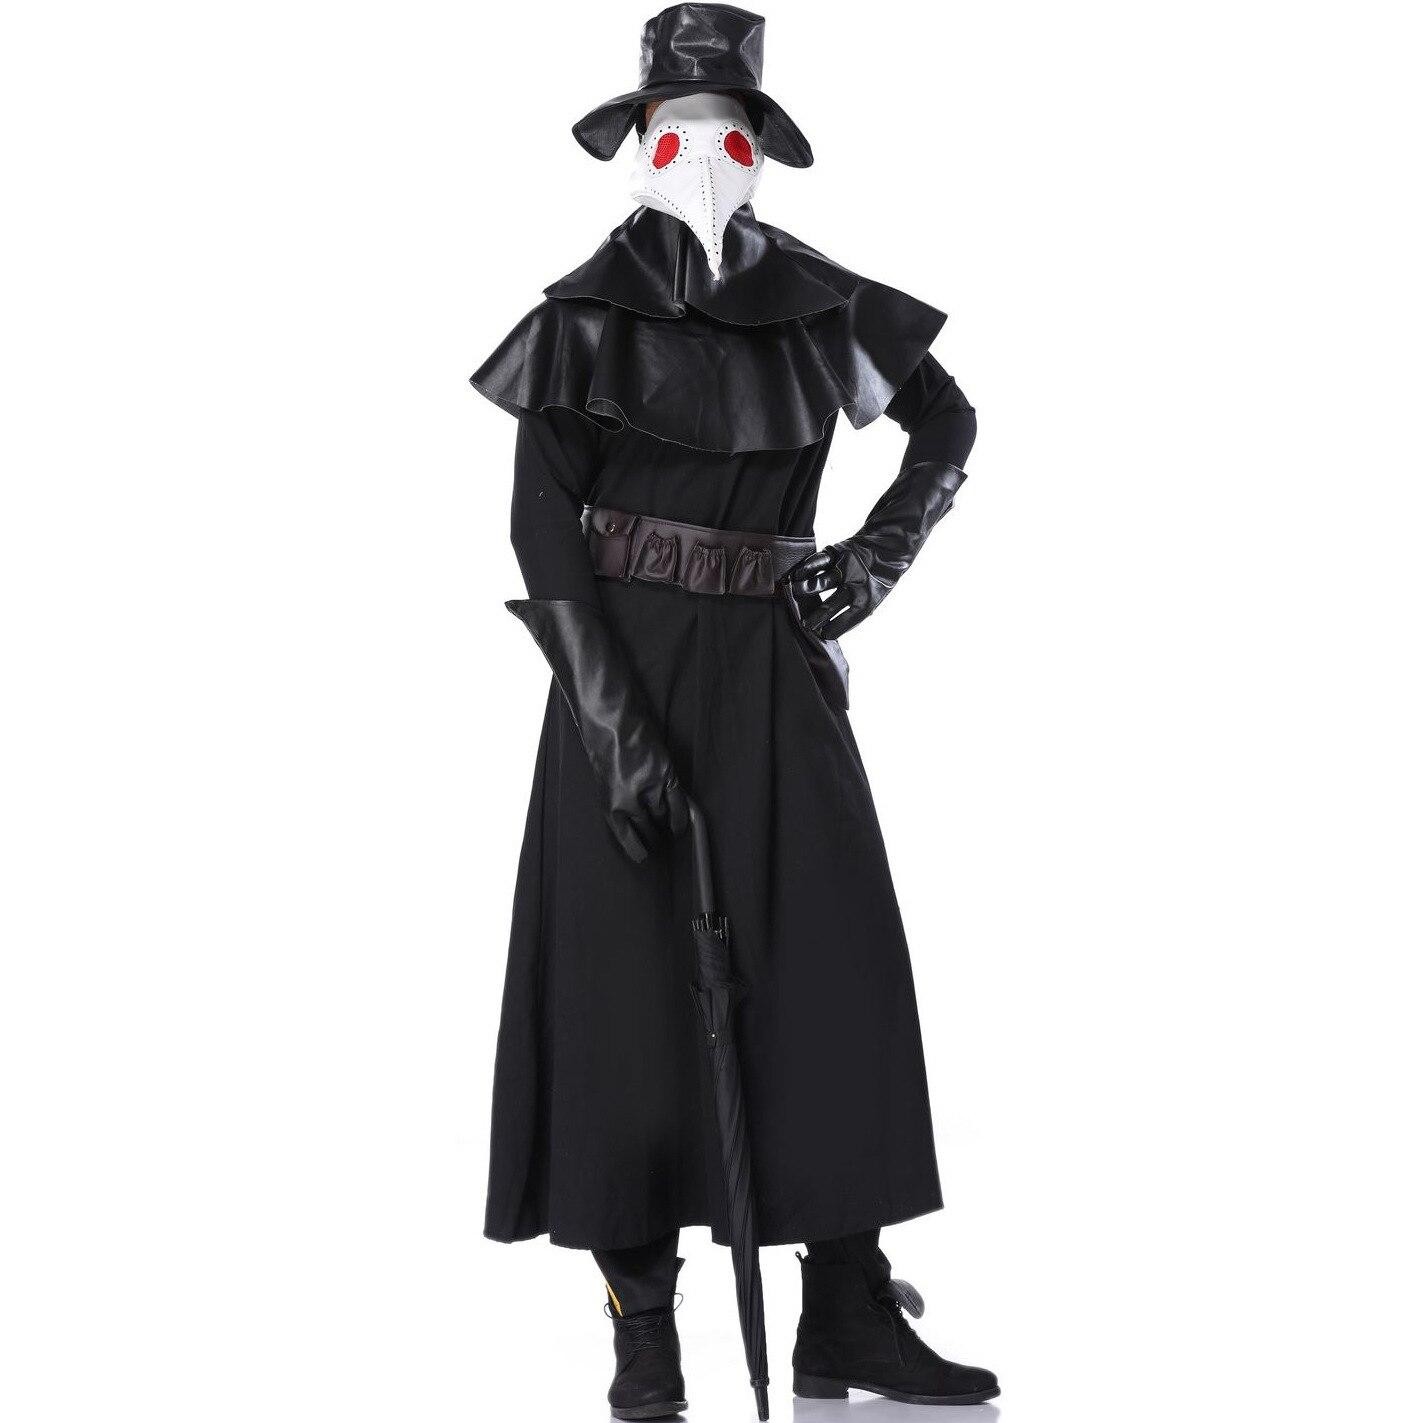 M-XL nouvelle peste oiseau docteur vêtements Halloween Costume sombre donjon pic bec film personnage vêtements pour hommes